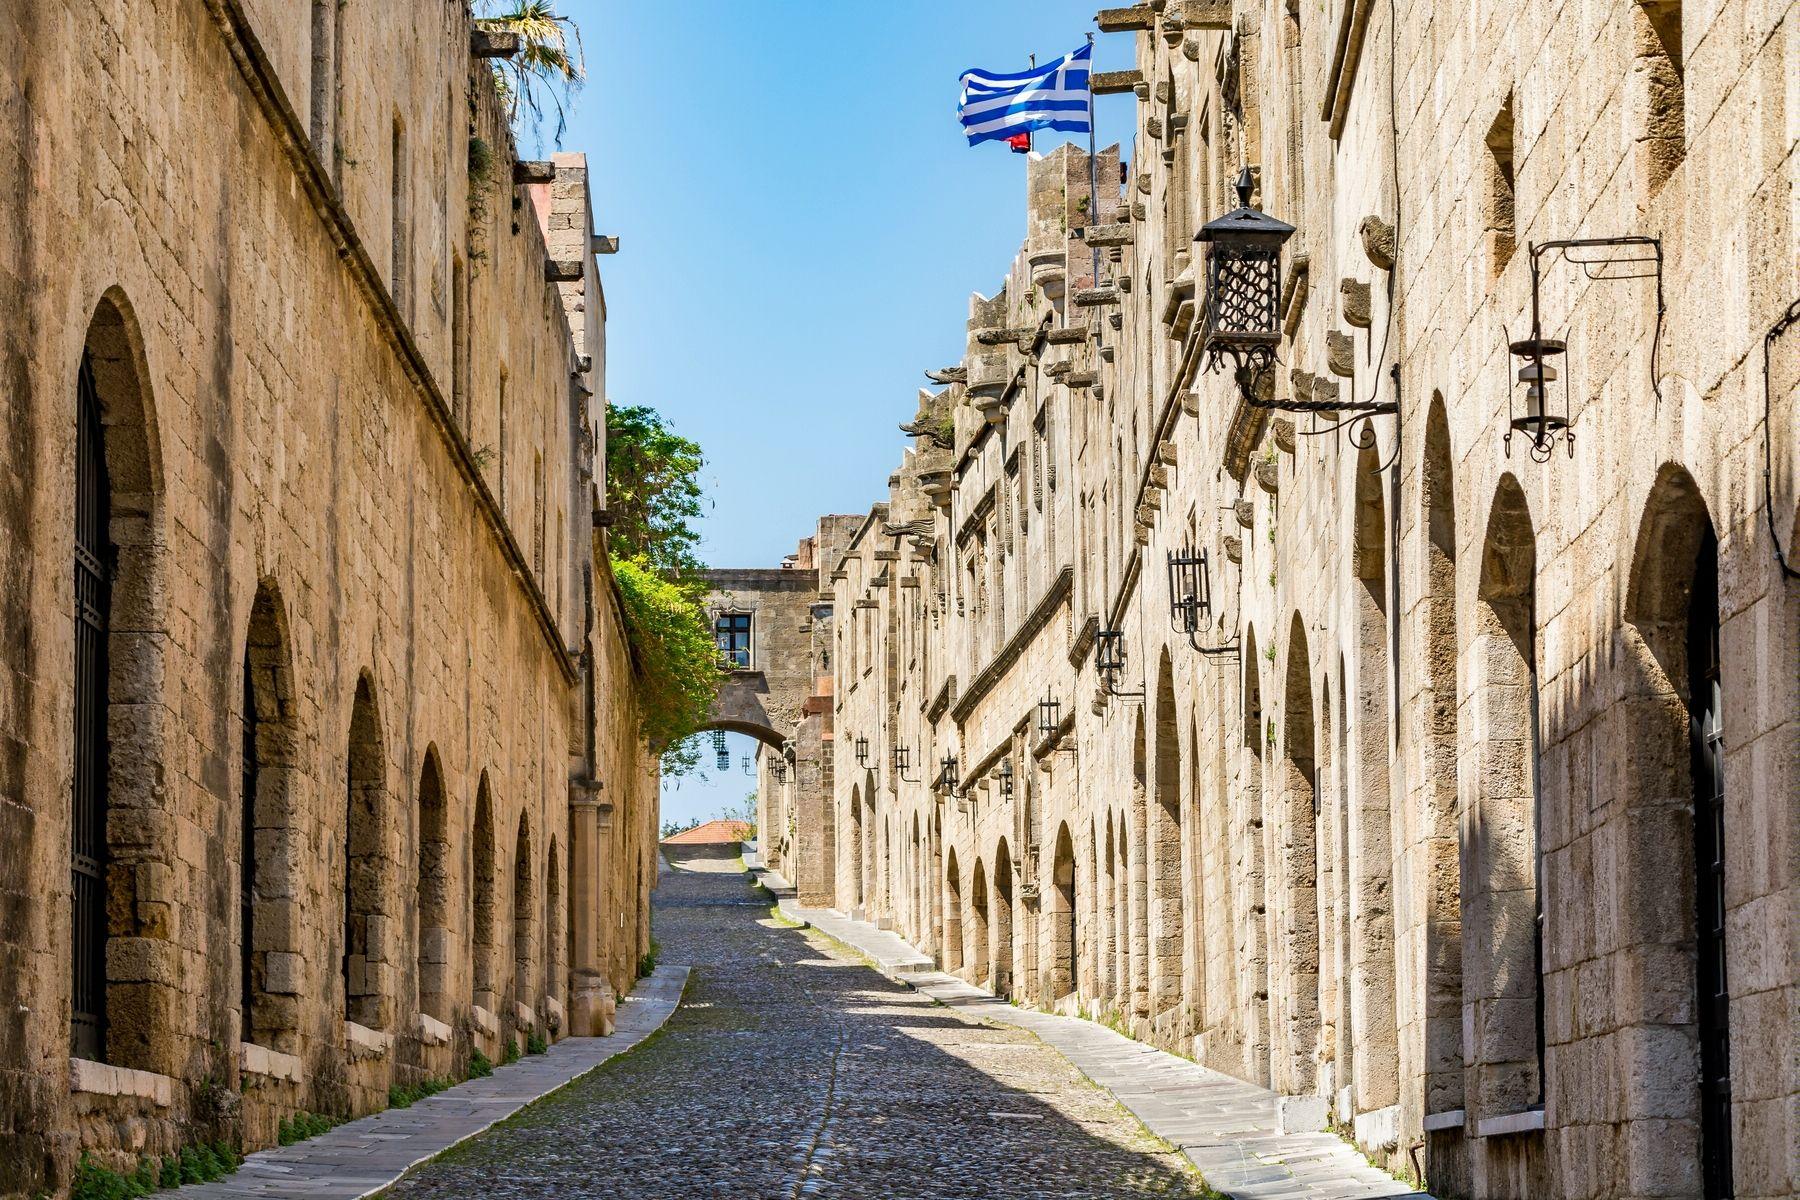 Аренда авто на Родосе: ваше незабываемое греческое приключение